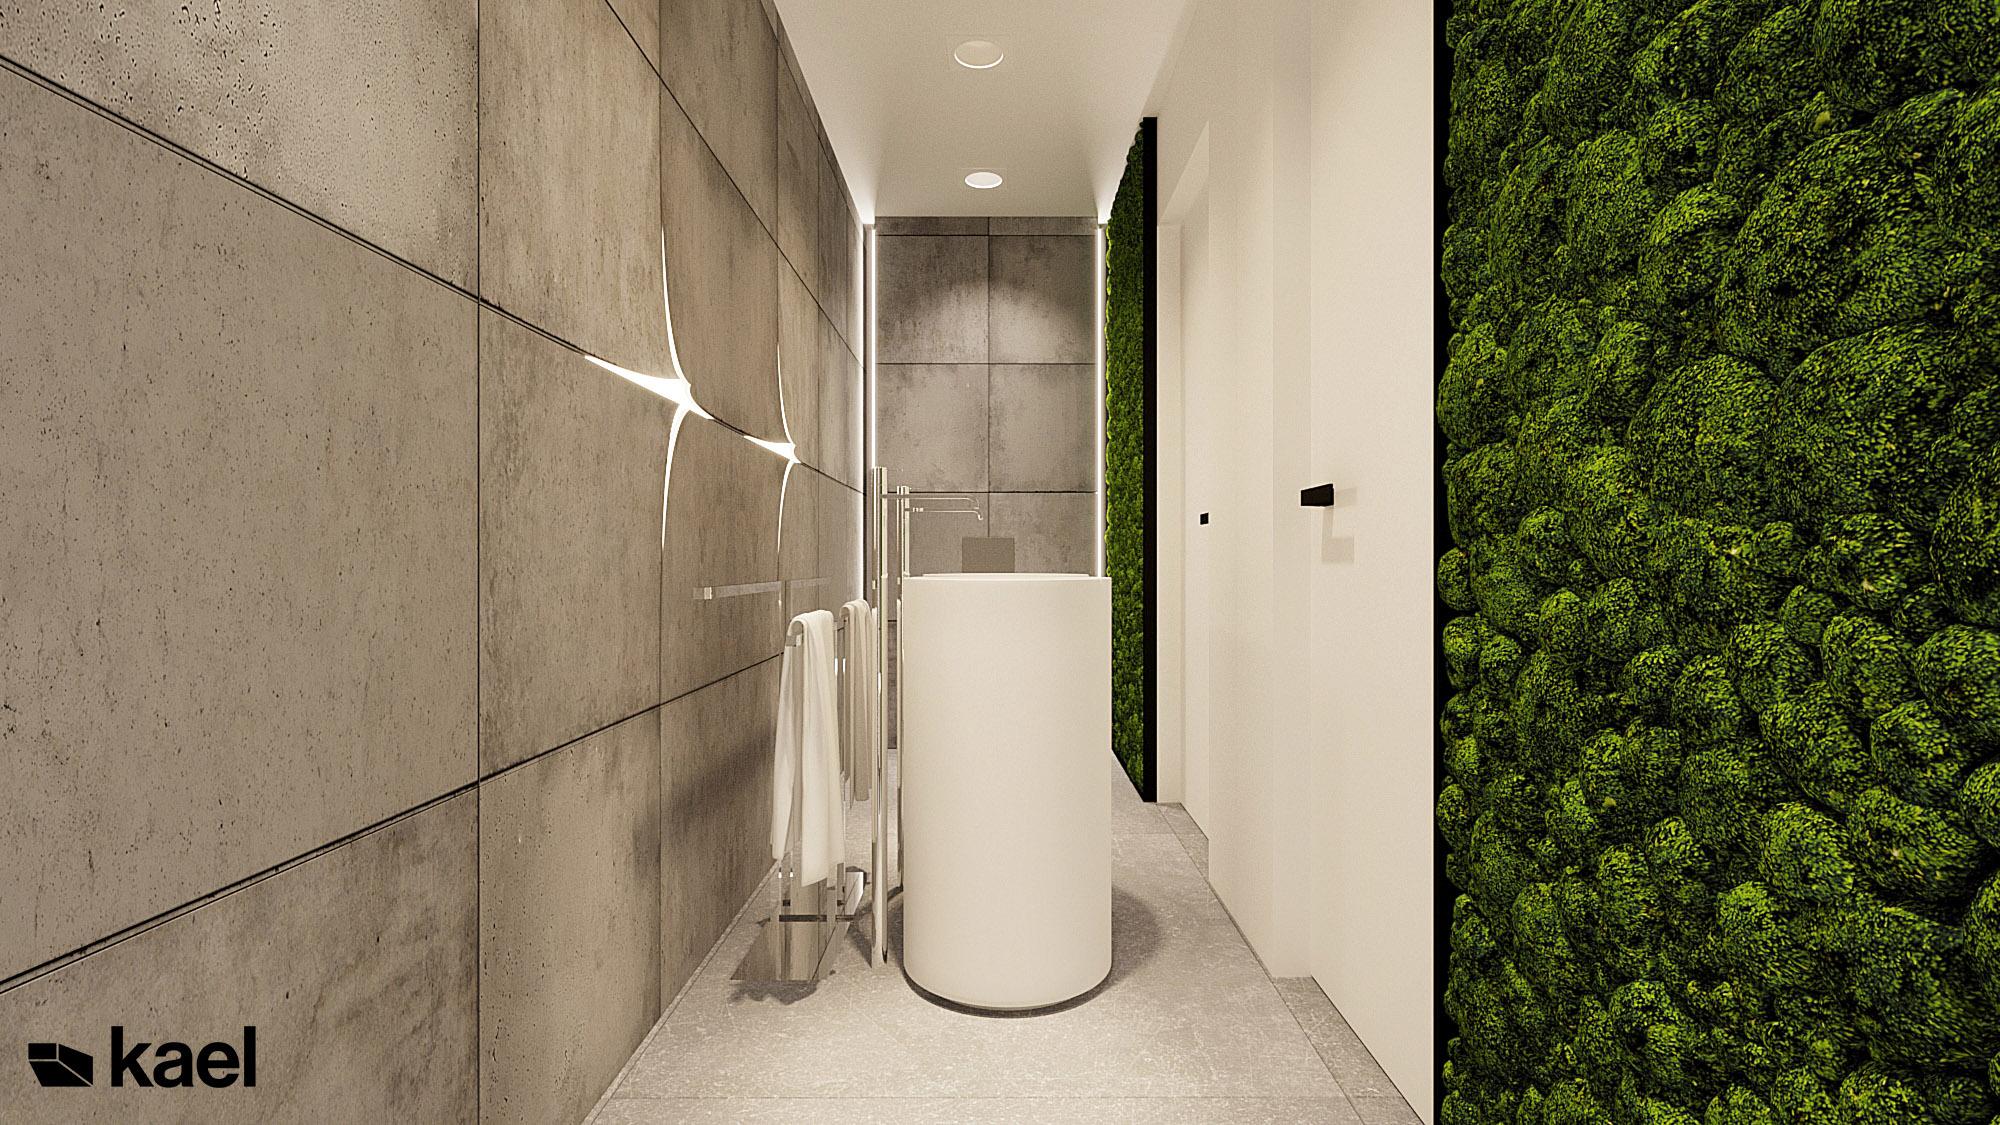 łazienka - Wachowska - projekt wnętrza domu jednorodzinnego - Kael Warszawa